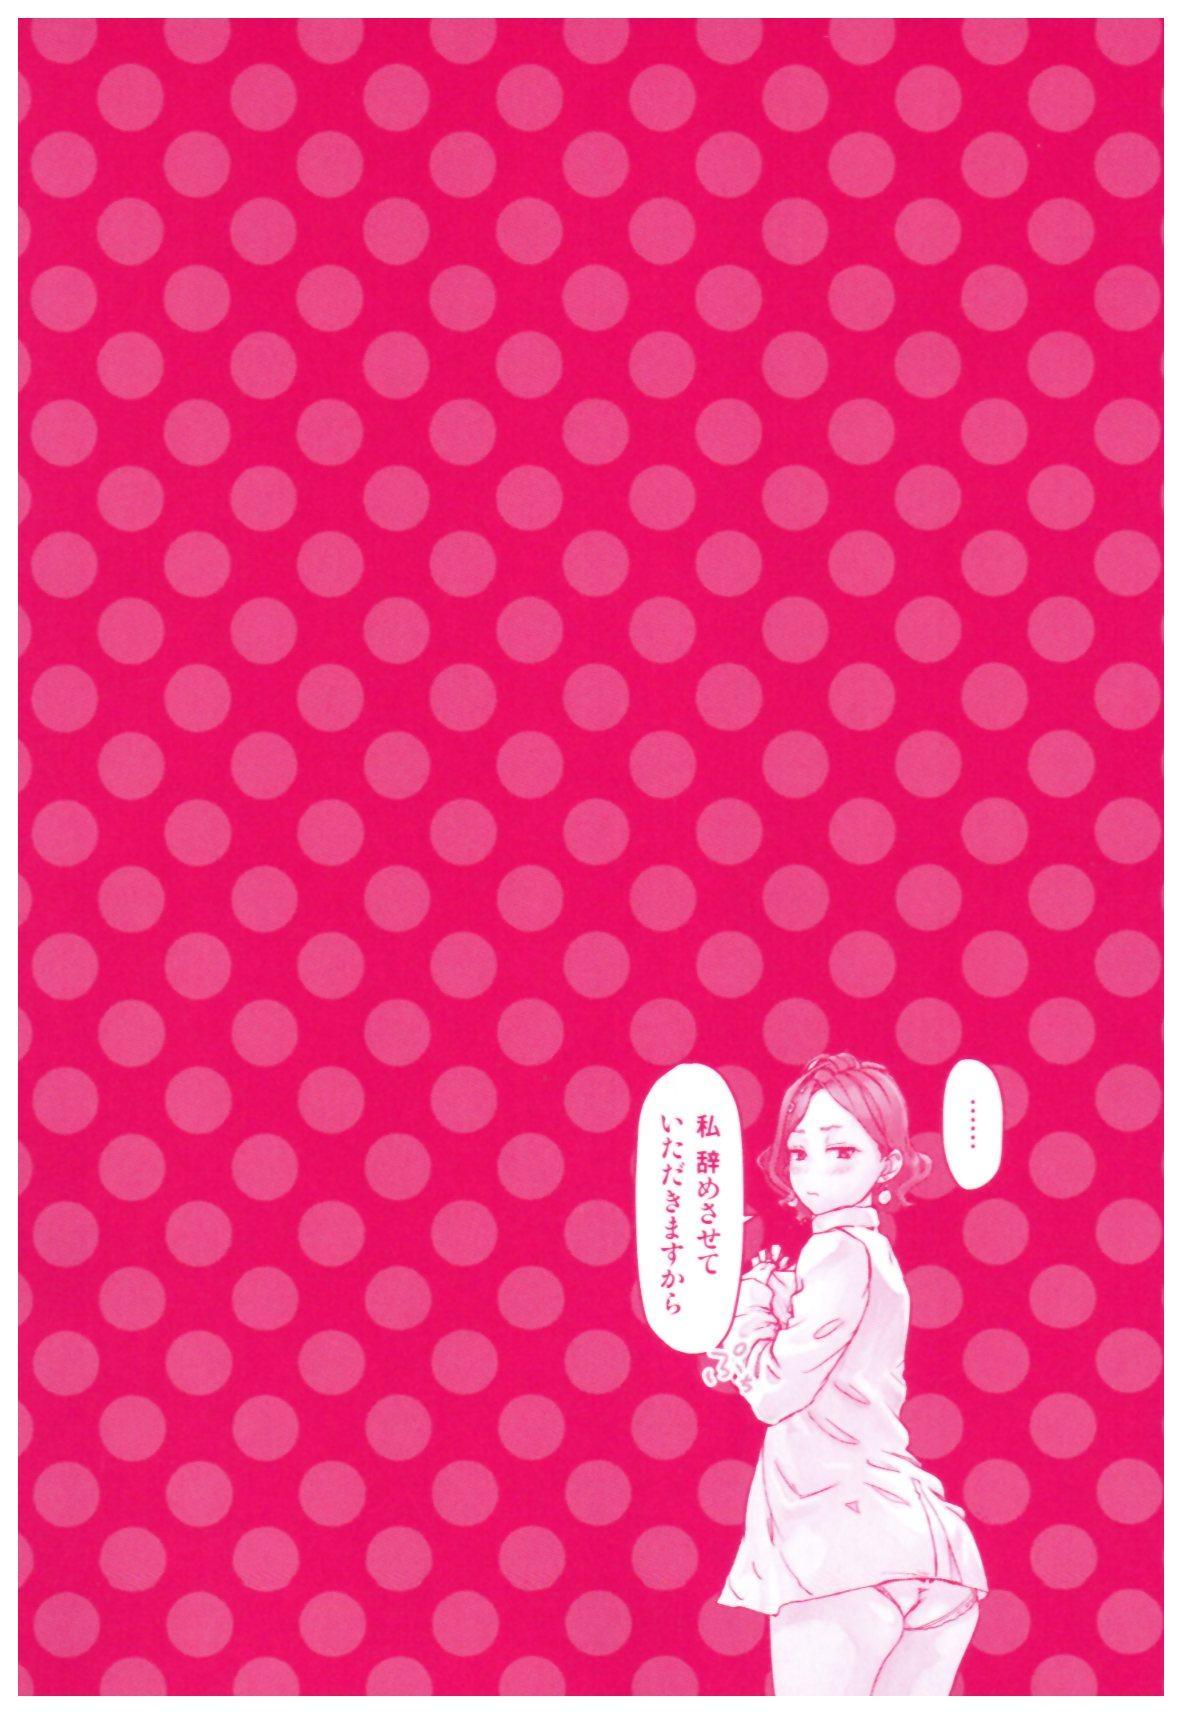 Onna Shunin - Kishi Mieko 1 172